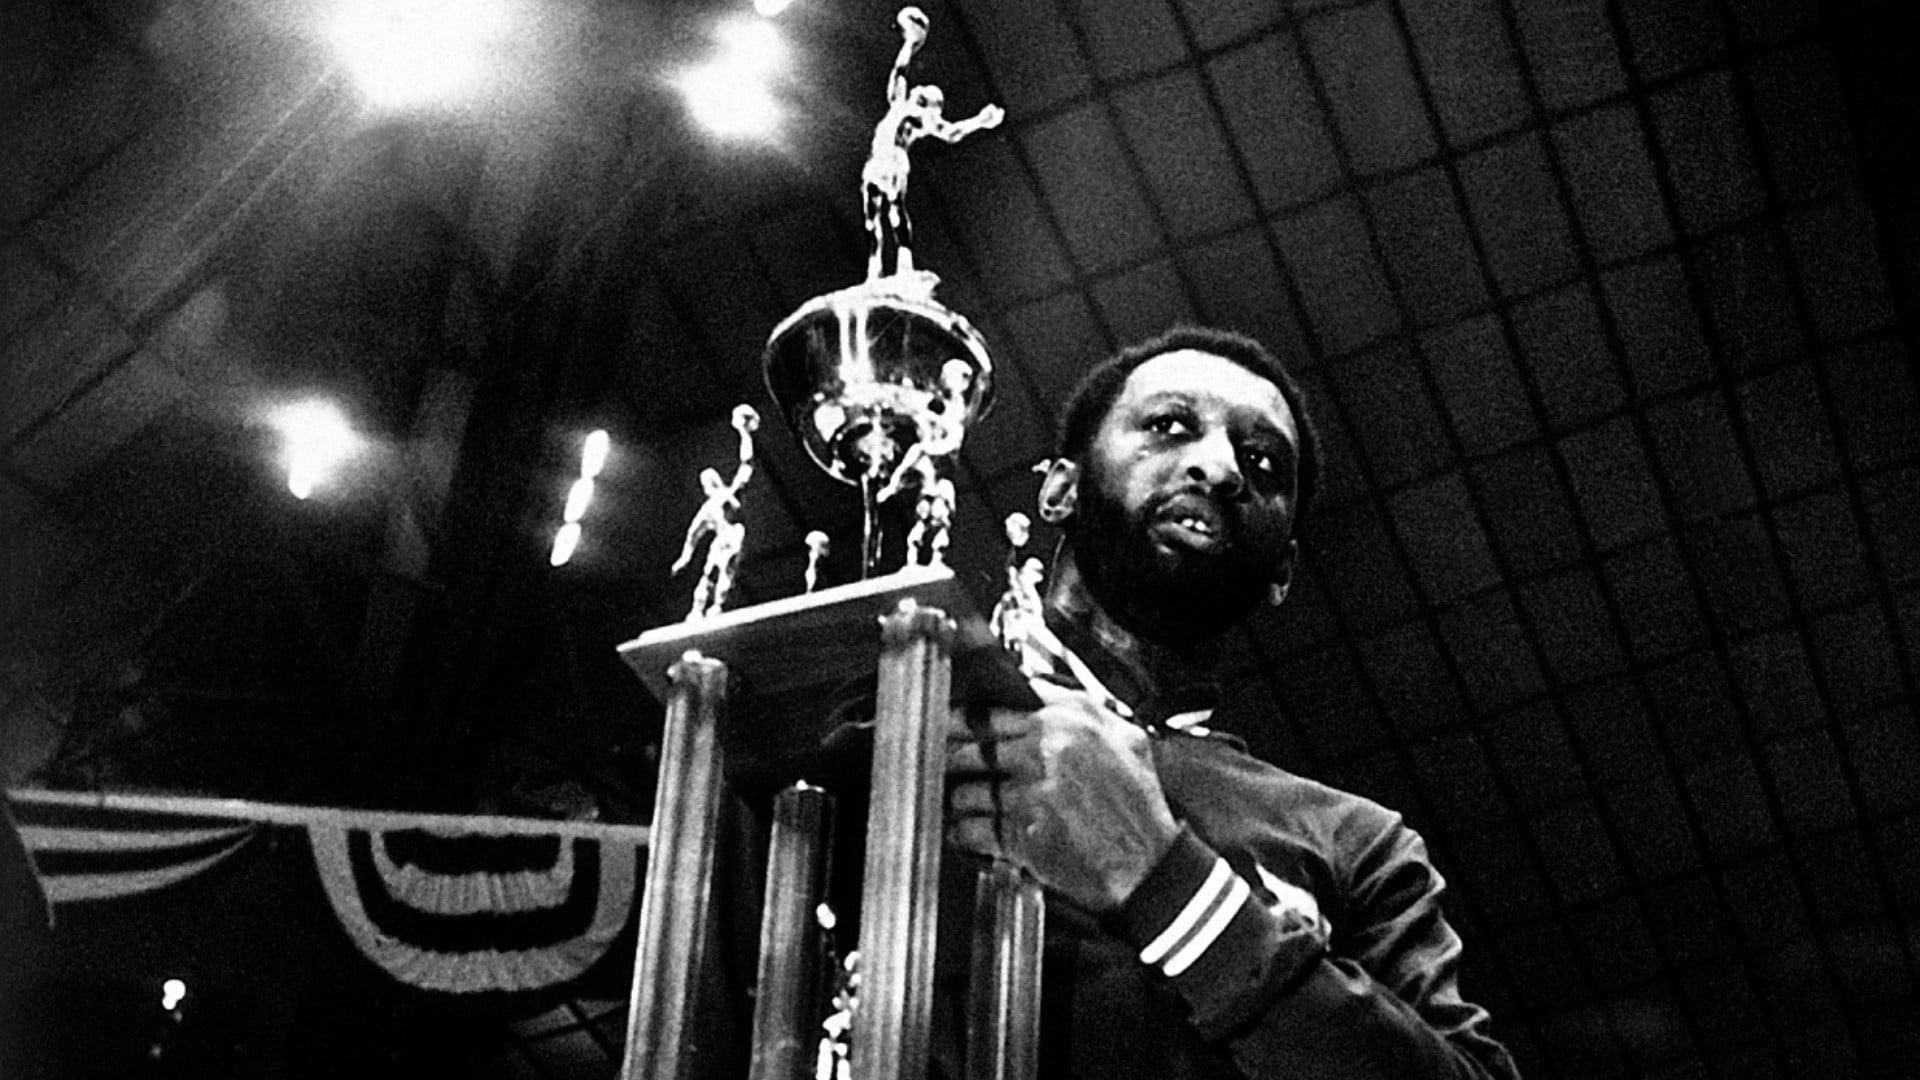 1974 NBA All-Star recap